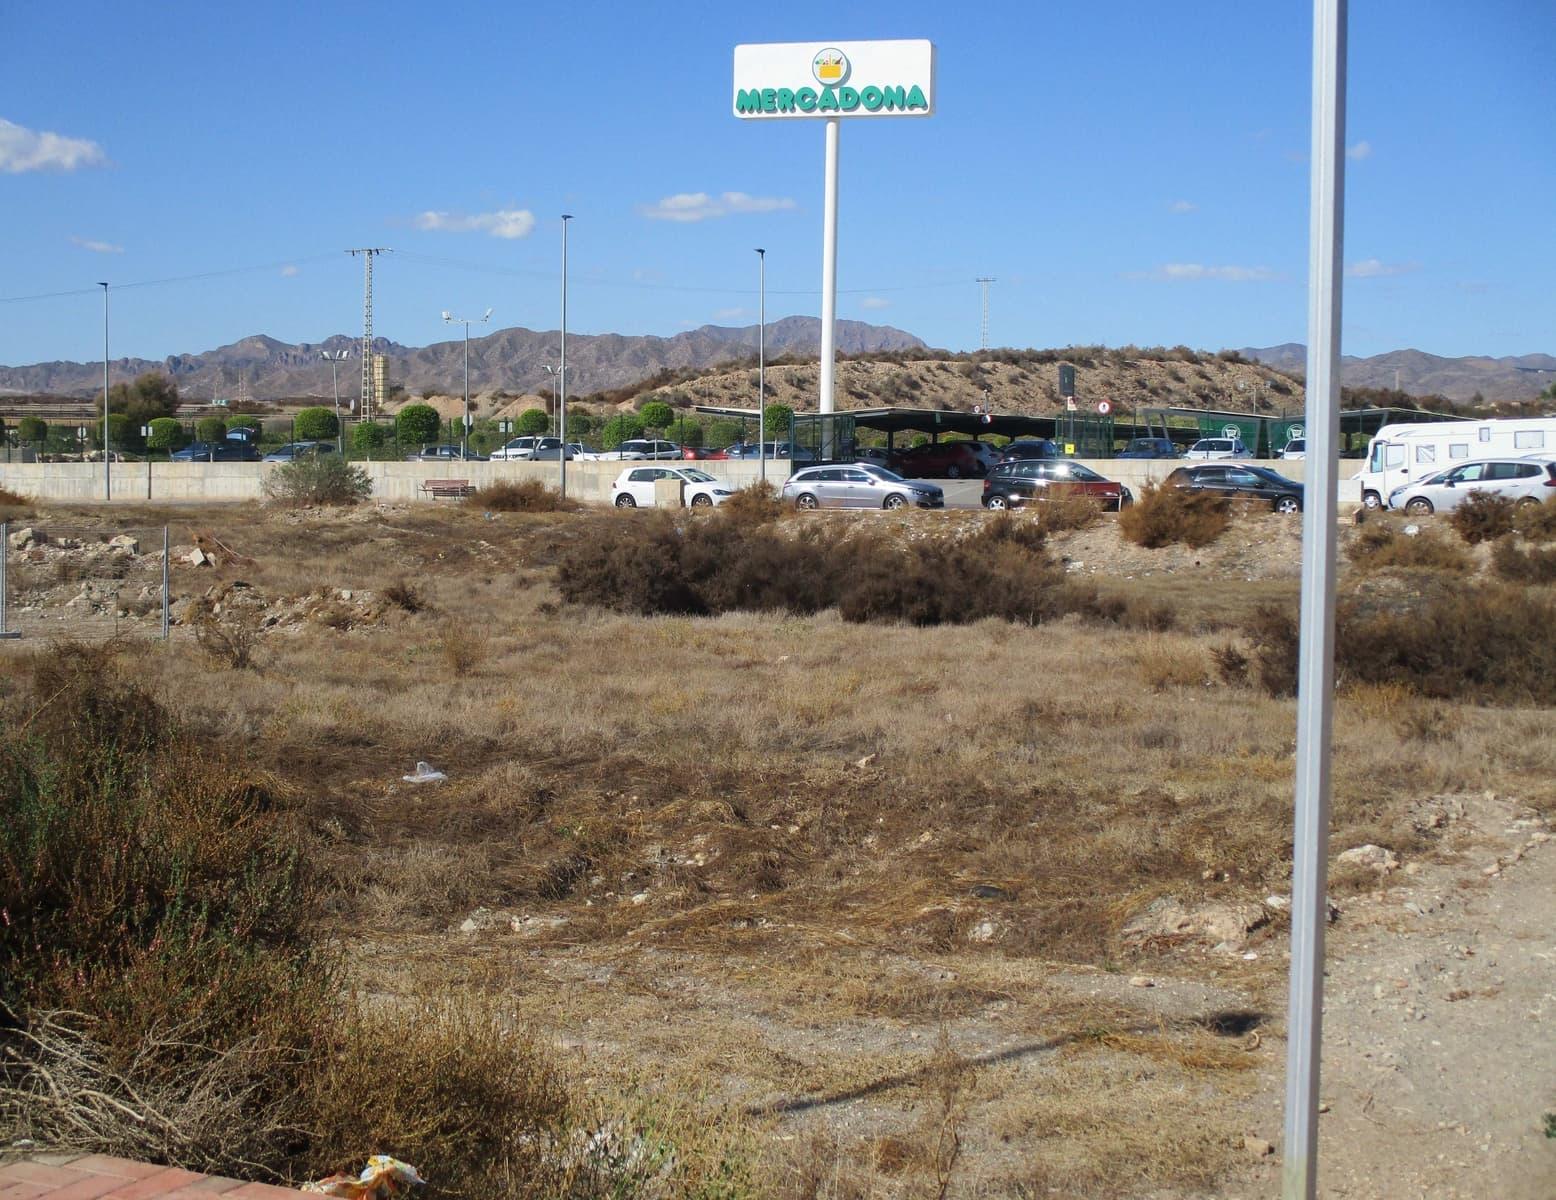 Działka budowlana na sprzedaż w Aguilas - 180 000 € (Ref: 5657607)